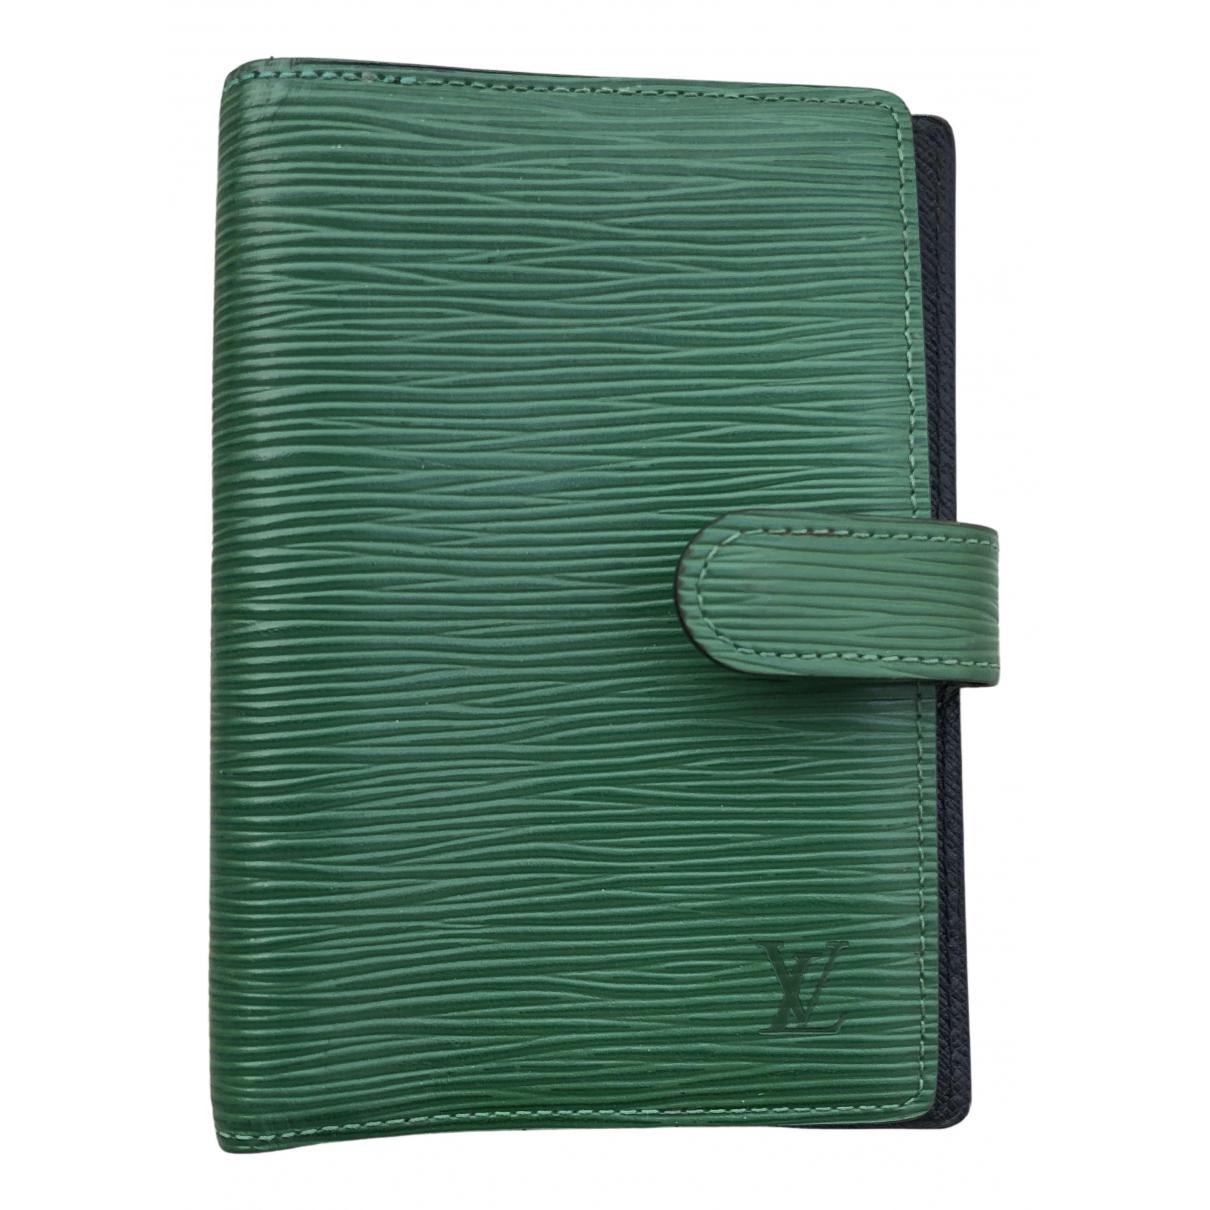 Louis Vuitton - Objets & Deco Couverture dagenda PM pour lifestyle en cuir - vert